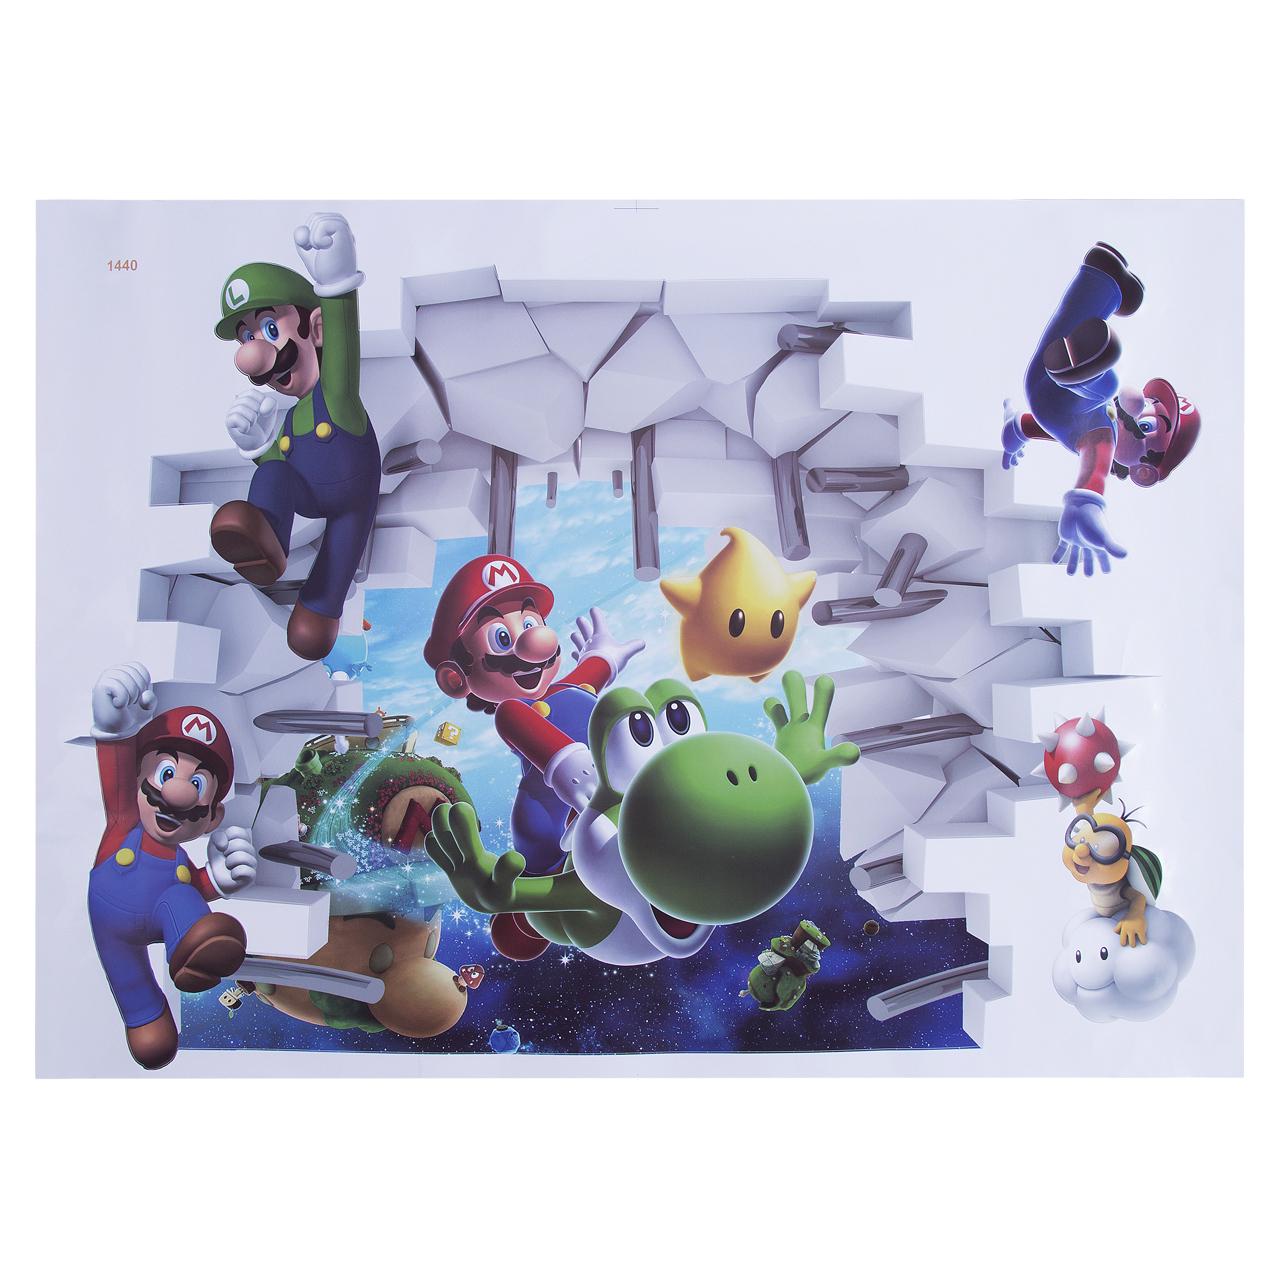 Papel de parede Super Mario 3D decoração 50x70CM